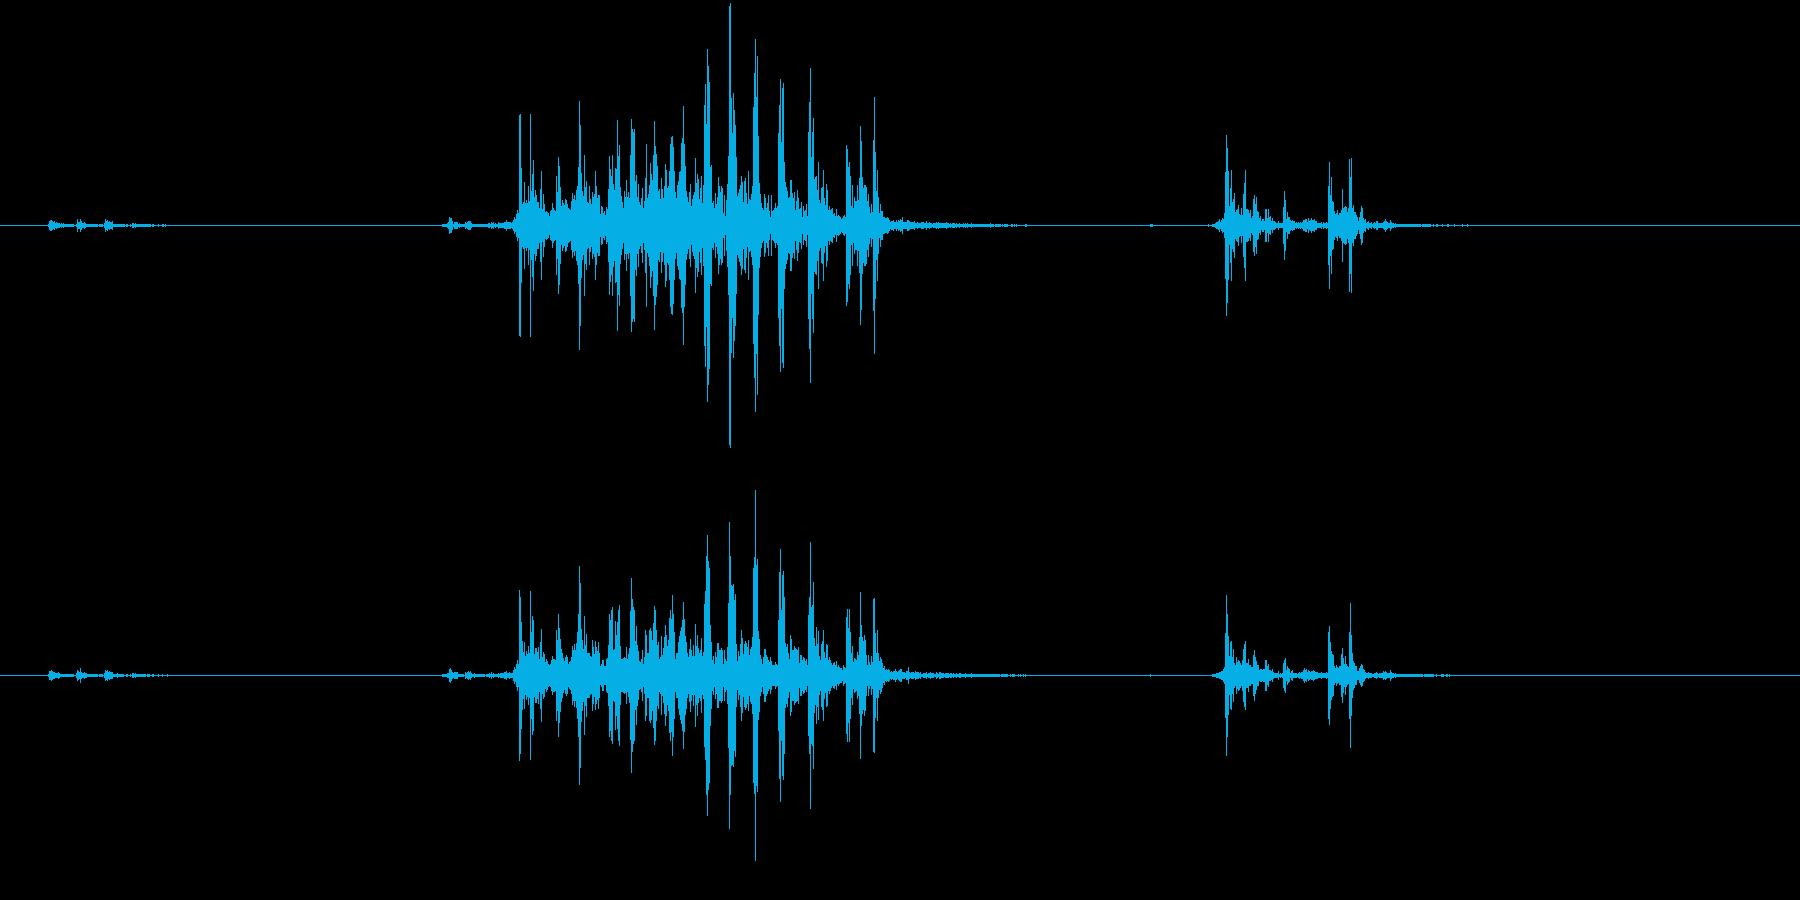 【生録音】カッターナイフの音 12の再生済みの波形